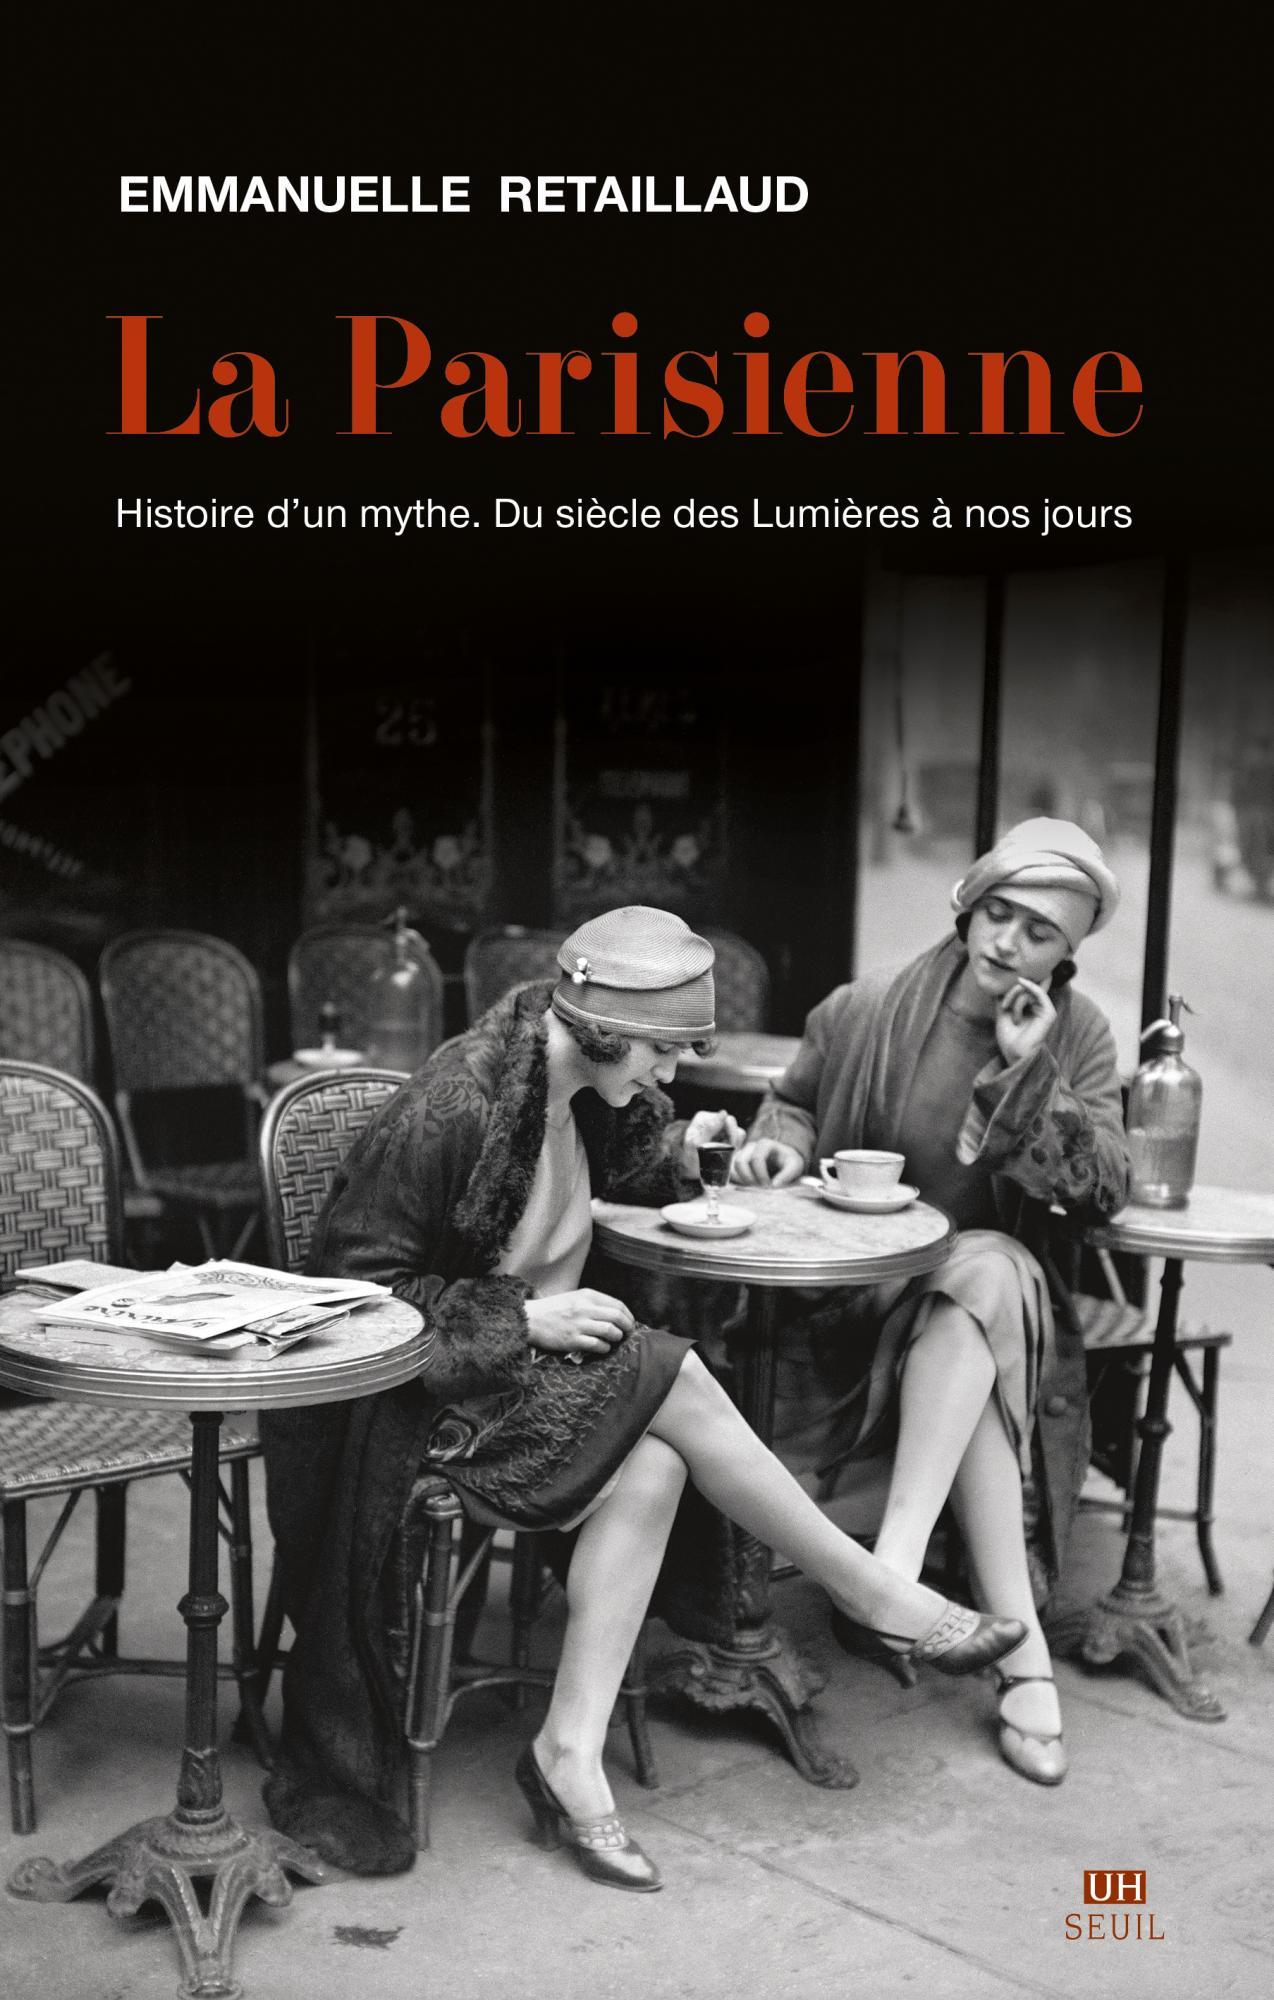 E. Retaillaud, La Parisienne. Histoire d'un mythe. Du siècle des Lumières à nos jours